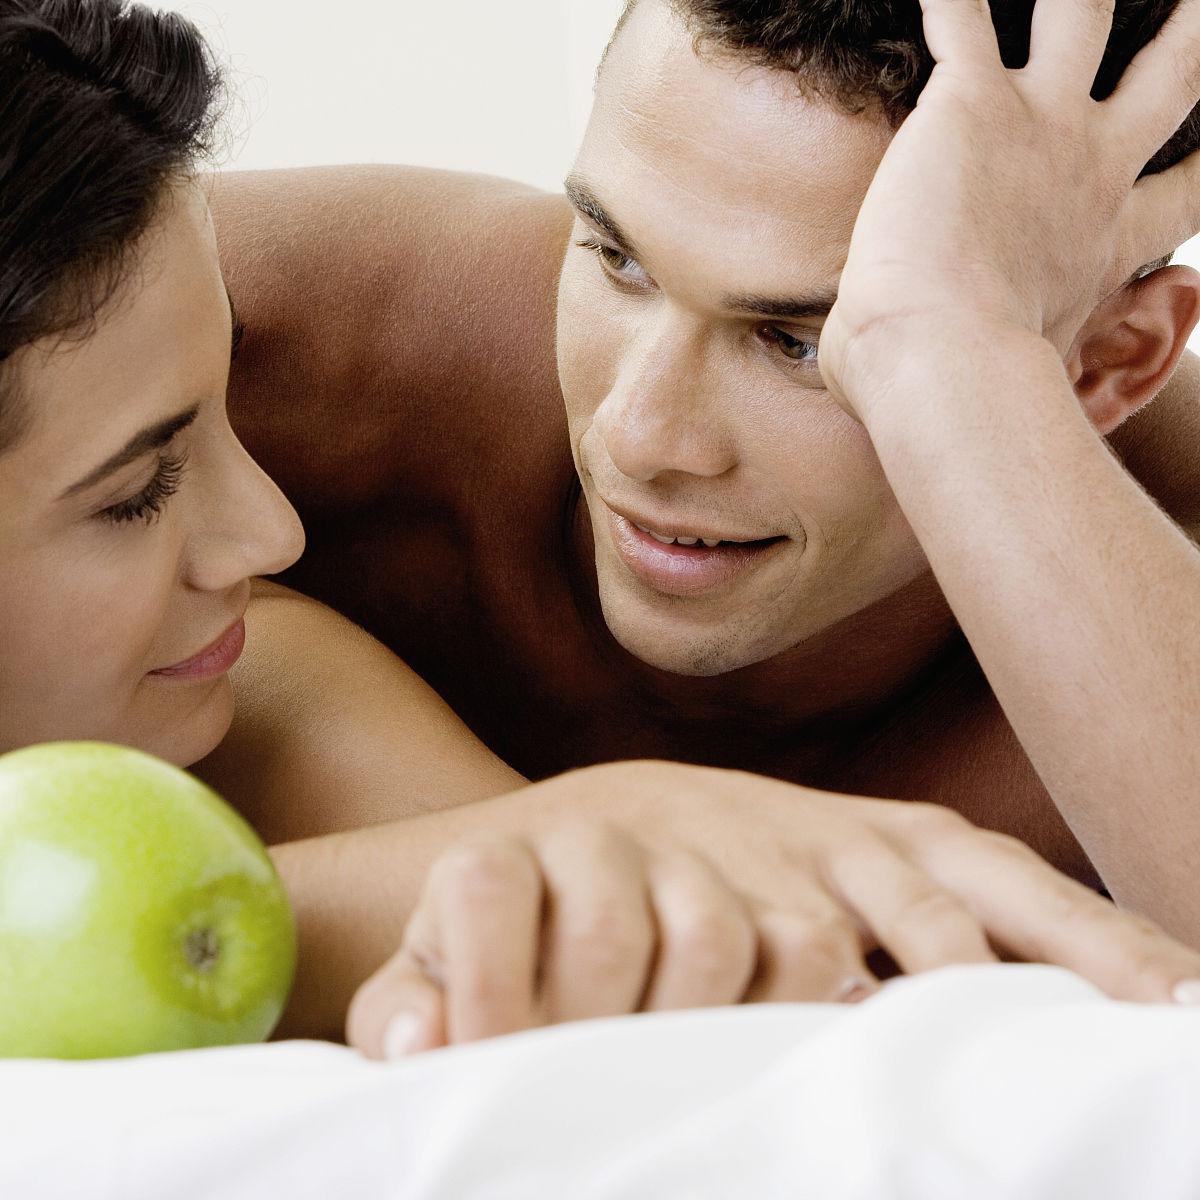 拉美人和西班牙裔人,拿着,托腮,趴着,伴侣,家具,床,图像,女朋友,男图片